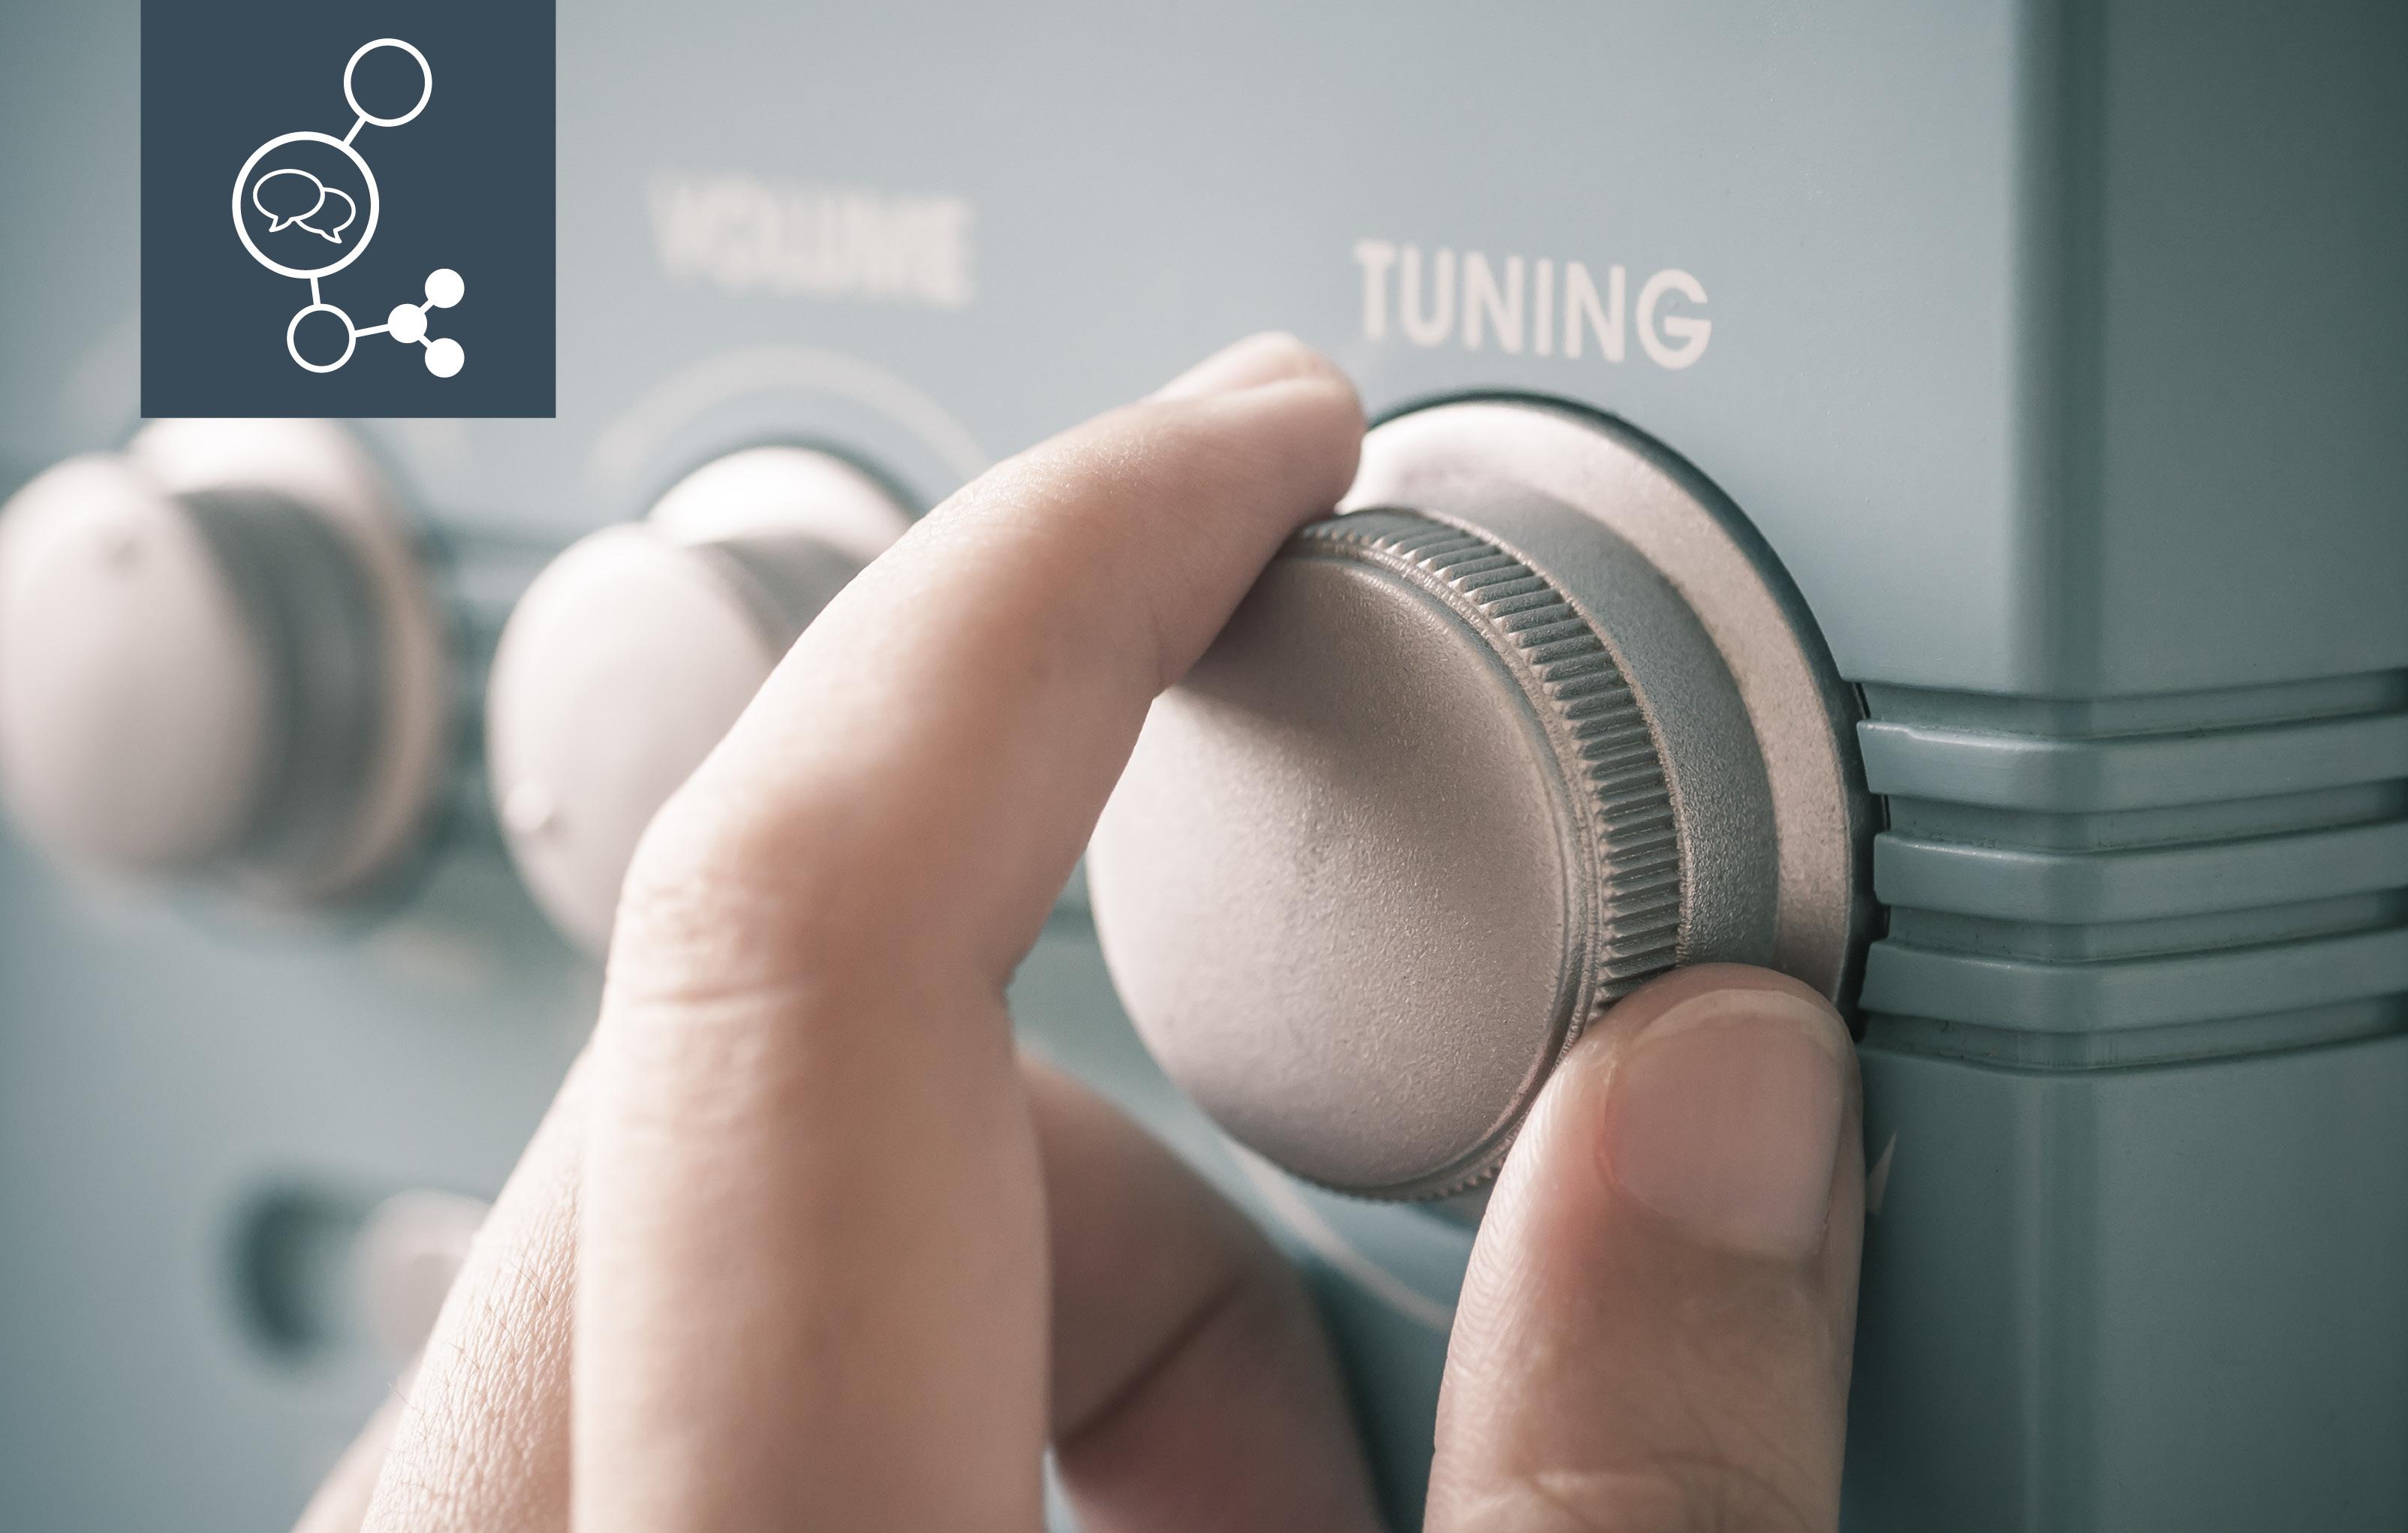 Das Bild zeigt eine Hand, die die Lautstärke an einem Radio hochdreht | Social Listening